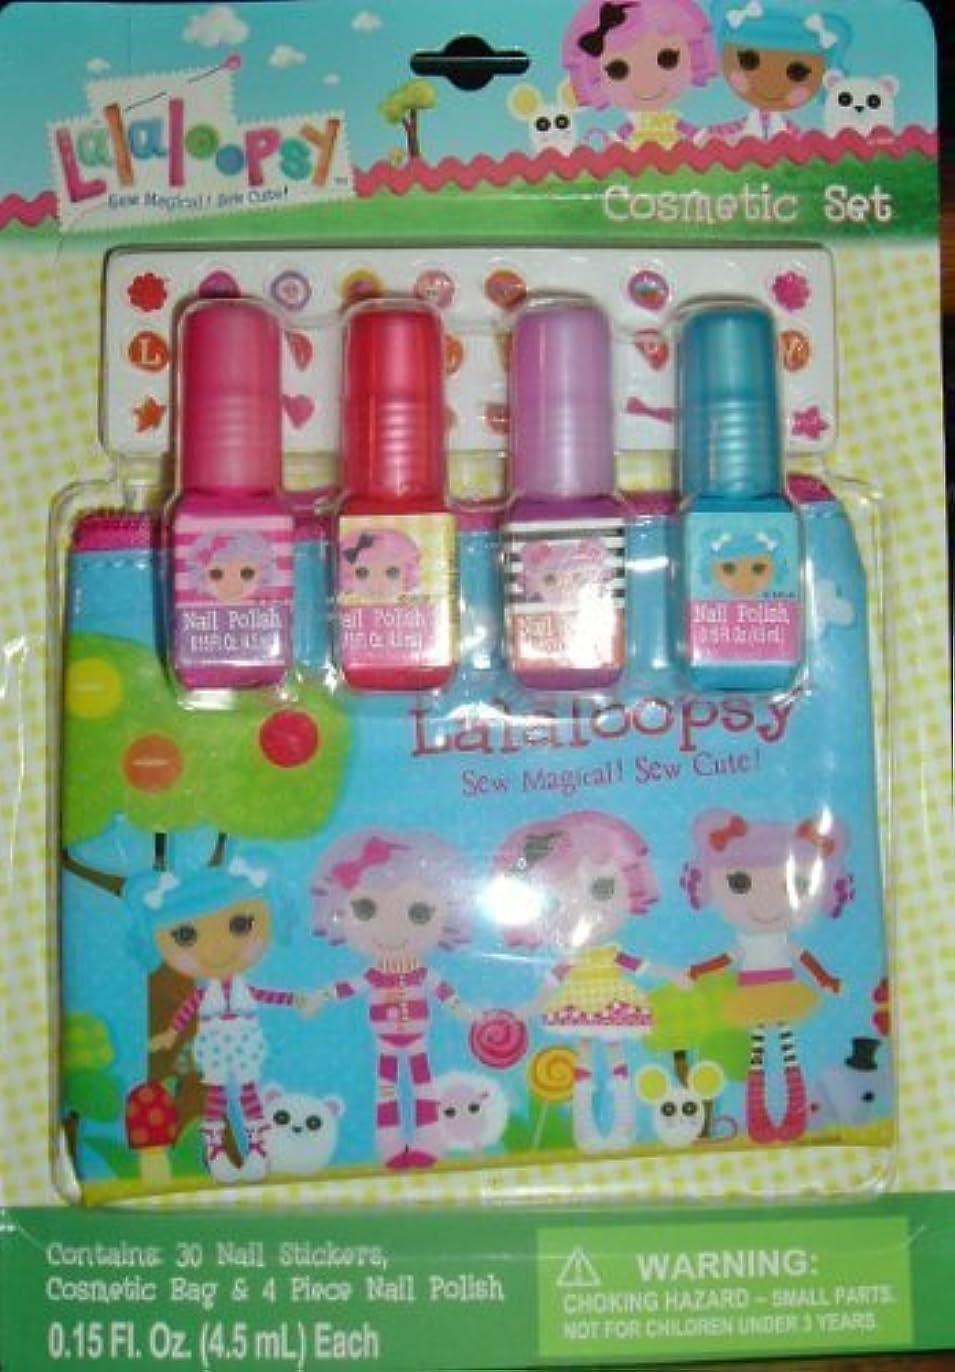 ぺディカブ対処個人的なLalaloopsy Cosmetic Set by Lalaloopsy